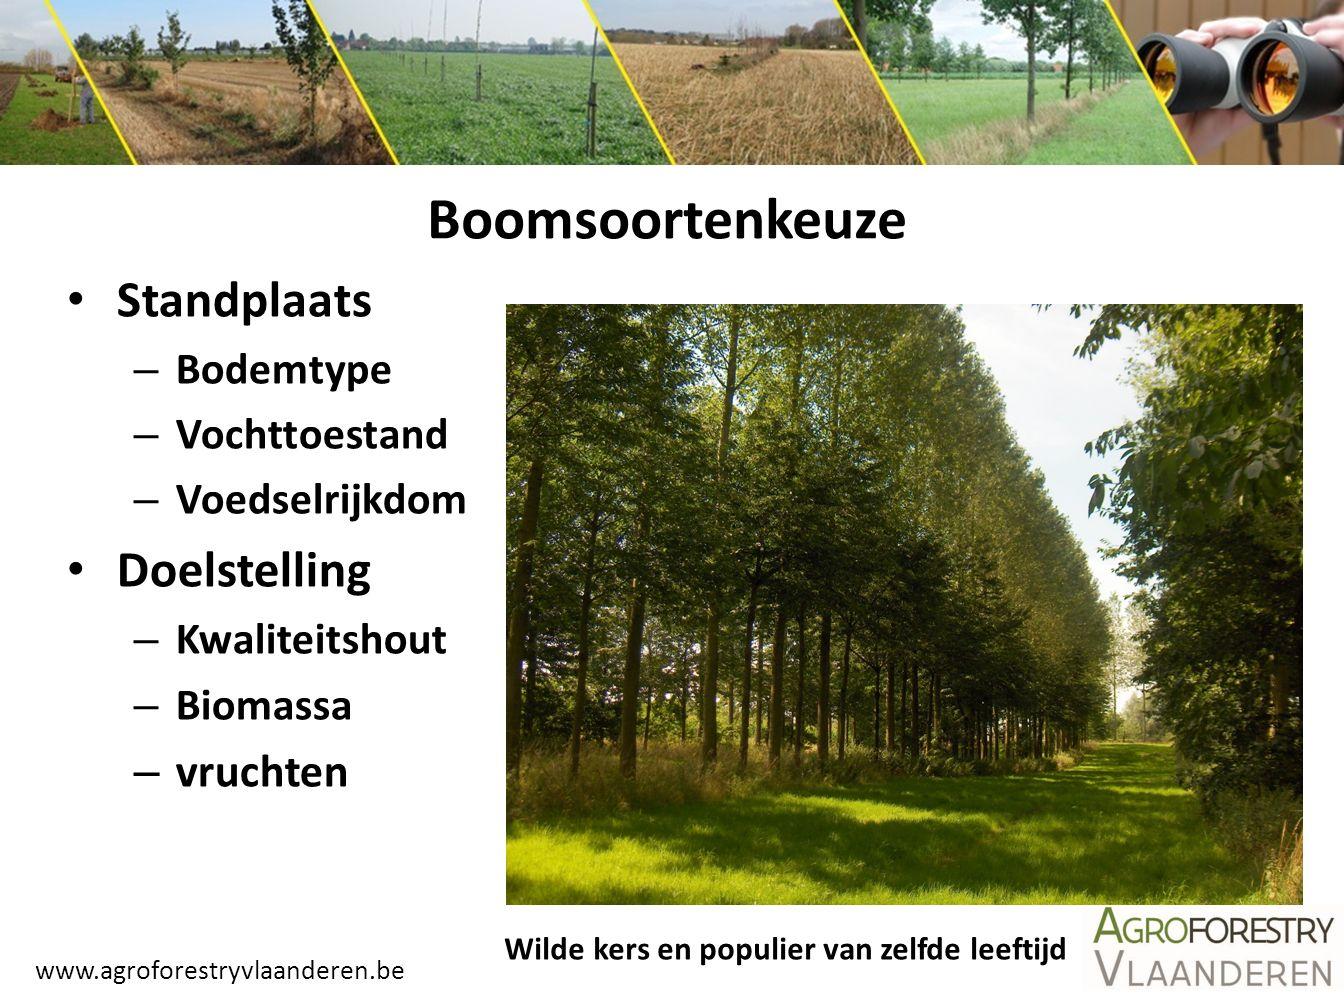 Boomsoortenkeuze Standplaats Doelstelling vruchten Bodemtype